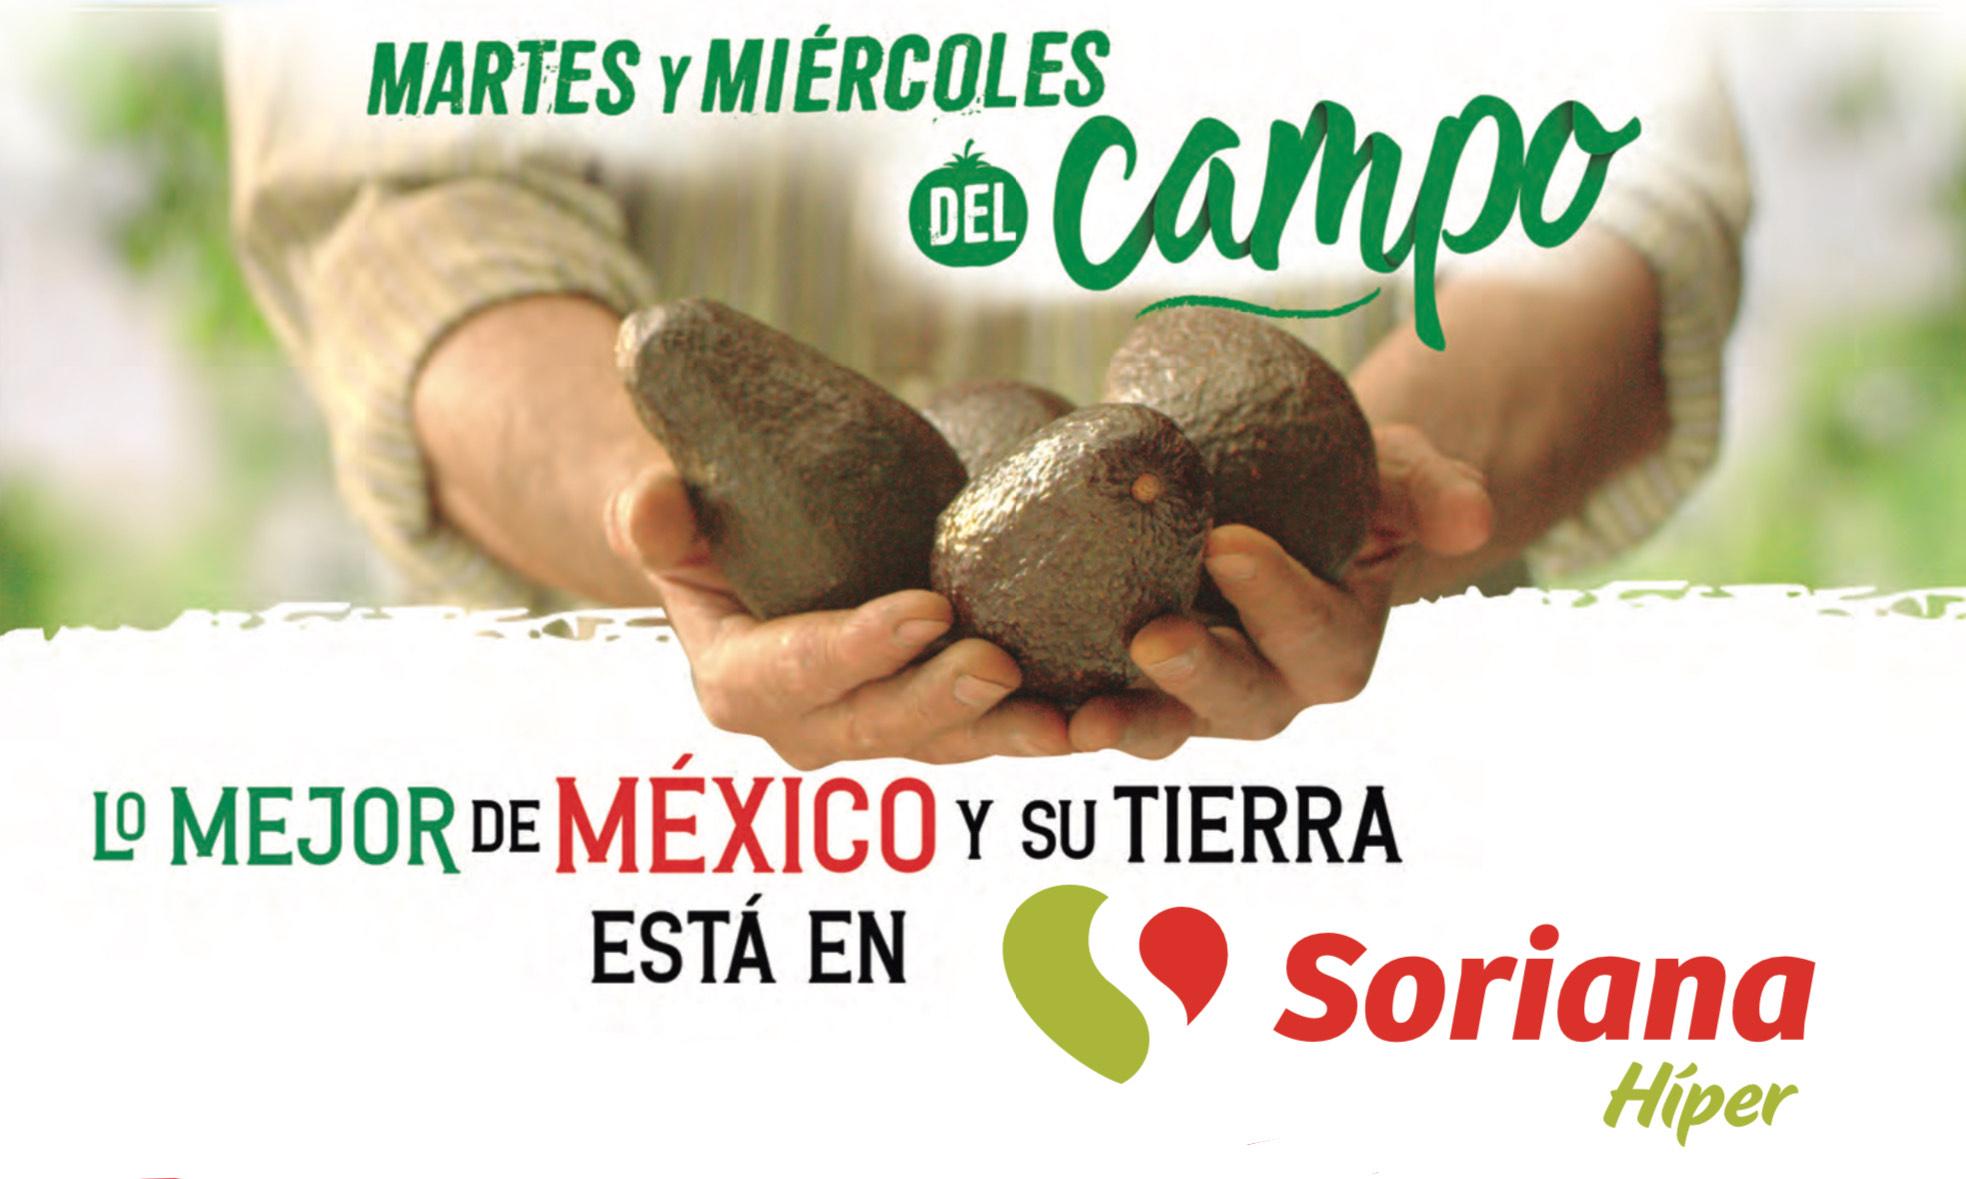 Soriana: Martes y Miércoles del Campo | Híper, Súper, Mercado y Express | Aguacate, Chile Poblano/Serrano $28.80kg, y mucho más..